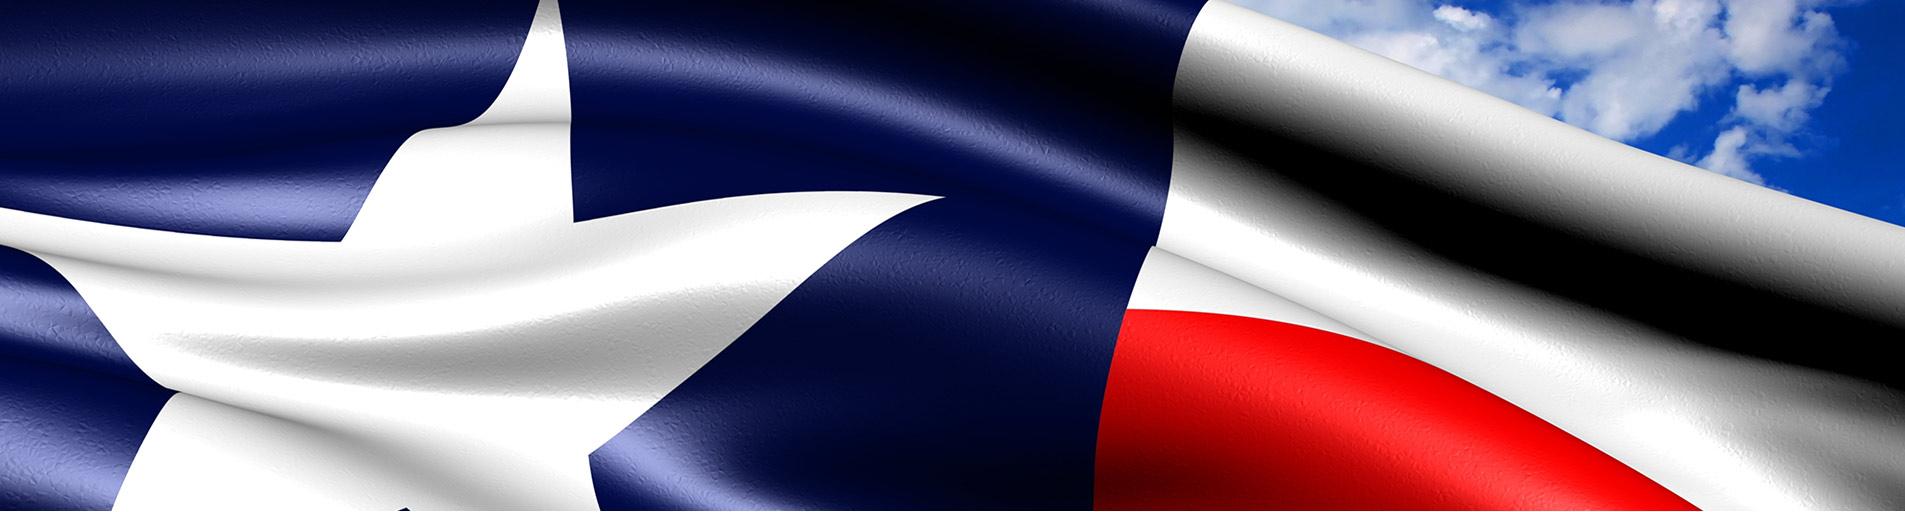 TandC-TX-Flag-BG